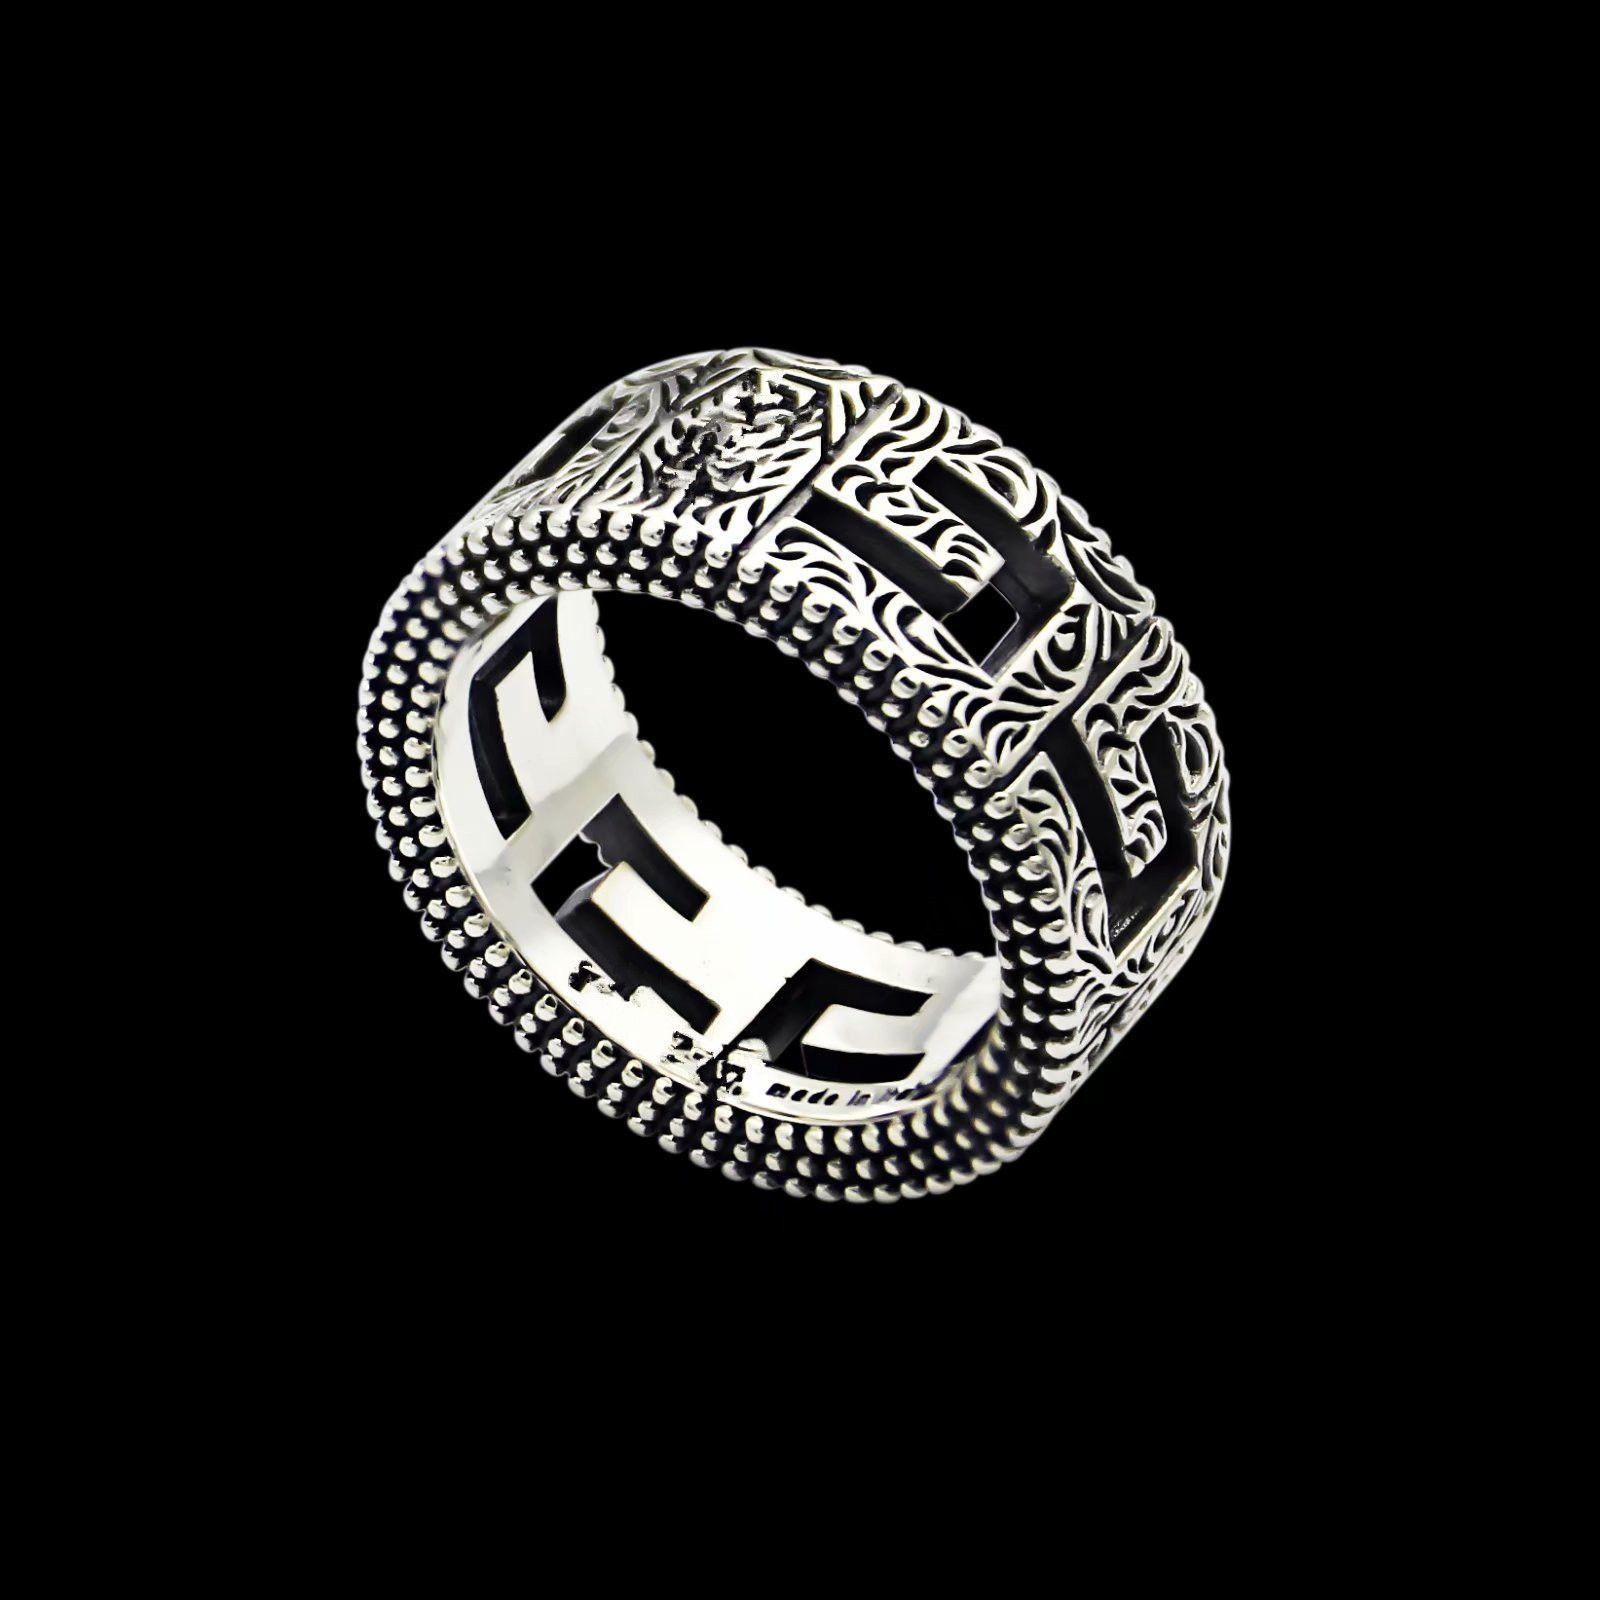 Новое поступление ретро стиль леди титановый сталь резные цветочные конструкции G письмо свадебный участие кольца Size6 - 9